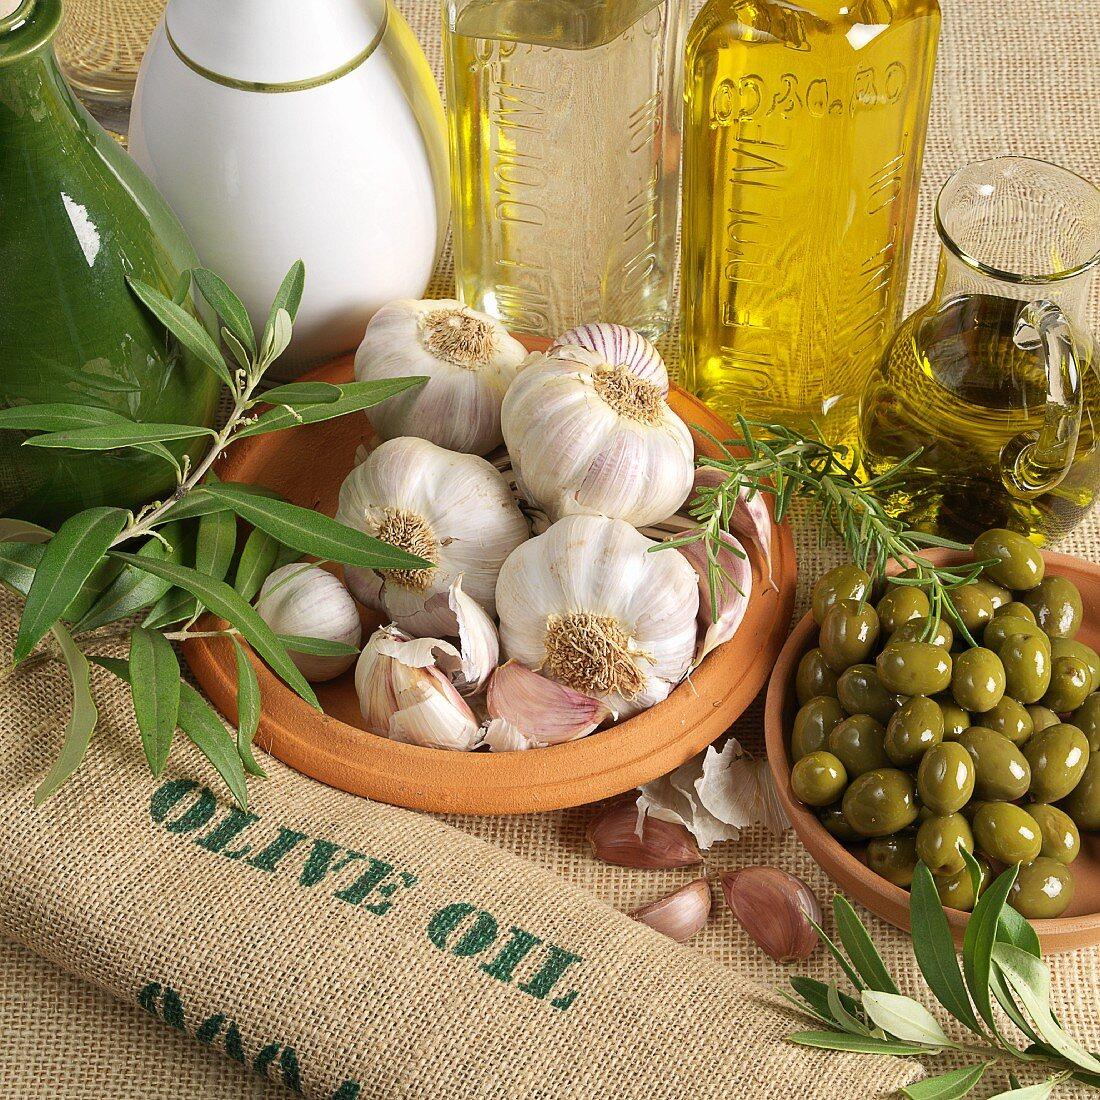 An arrangement of olives